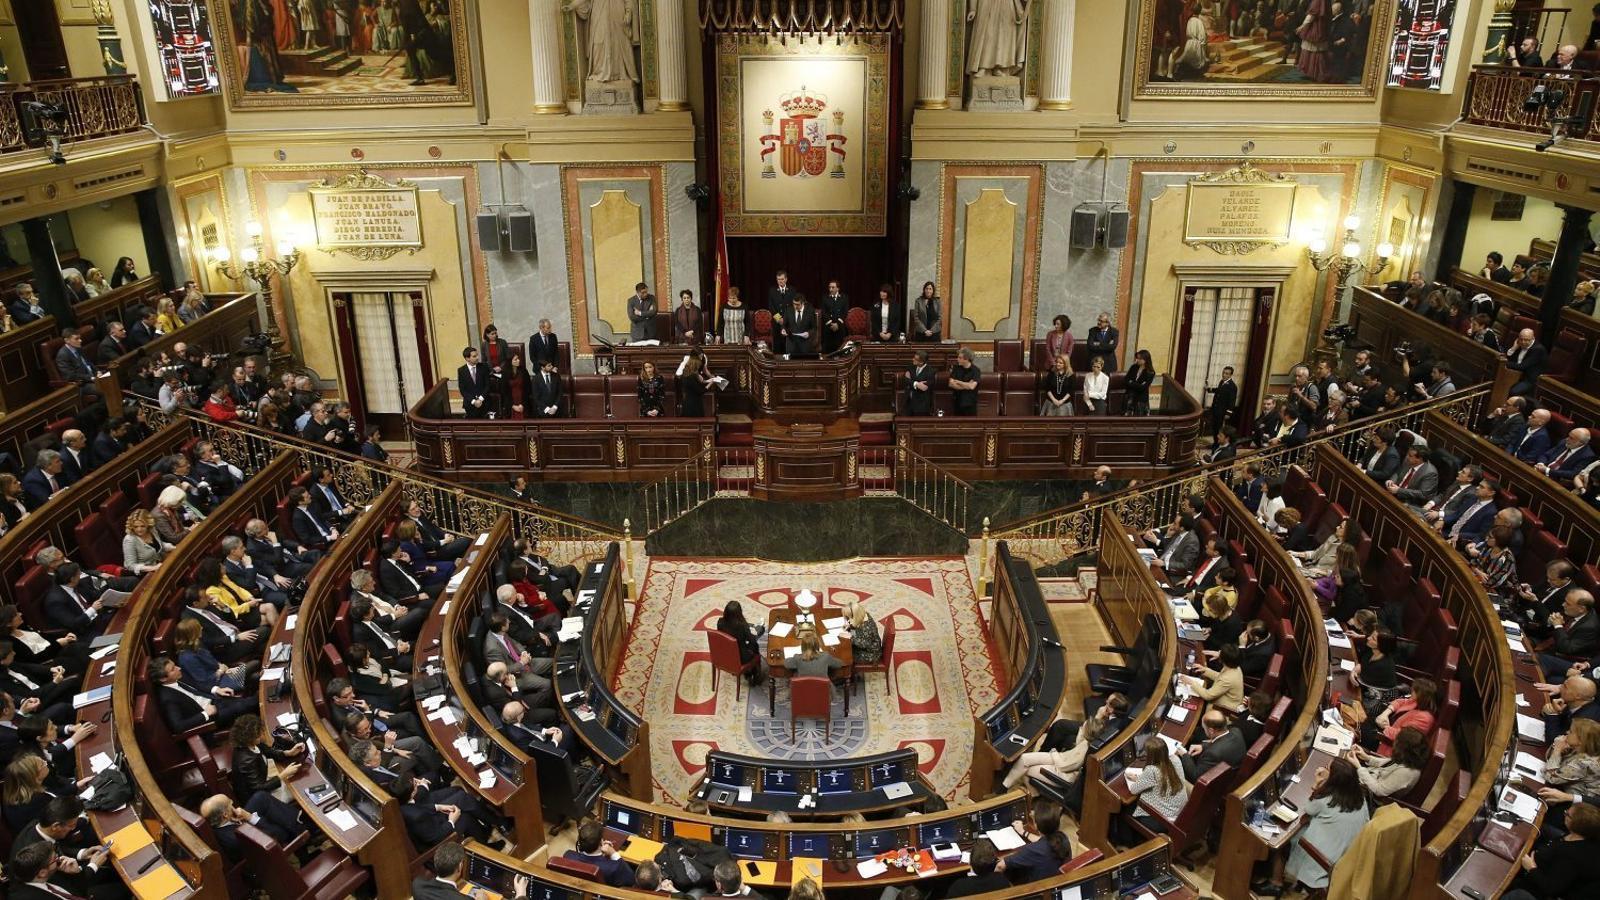 La sobirania del poble espanyol recau en el Congrés dels Diputats, en teoria, segons la Constitució espanyola.